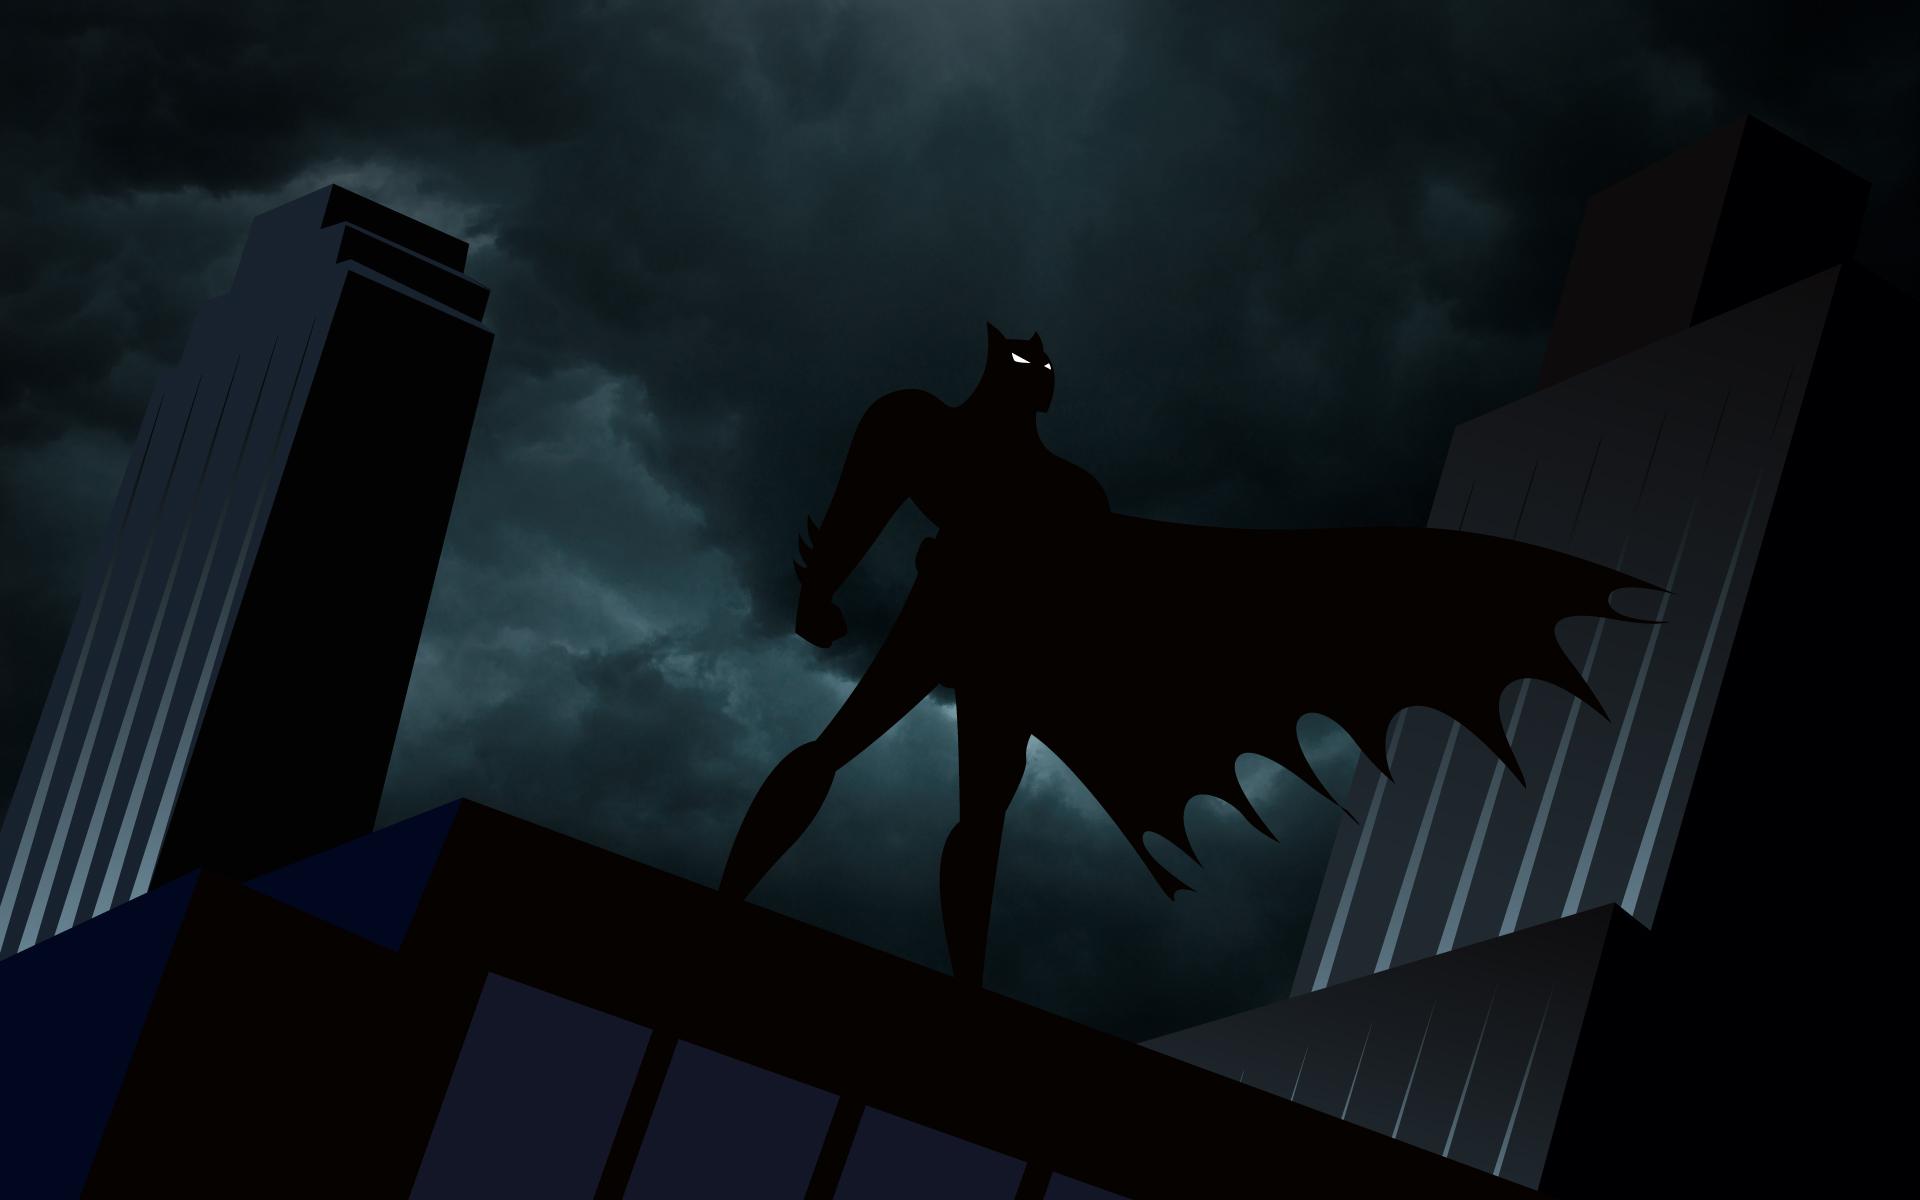 batman at the top of a building (dc comics) hd wallpaper | wallpapers.gg